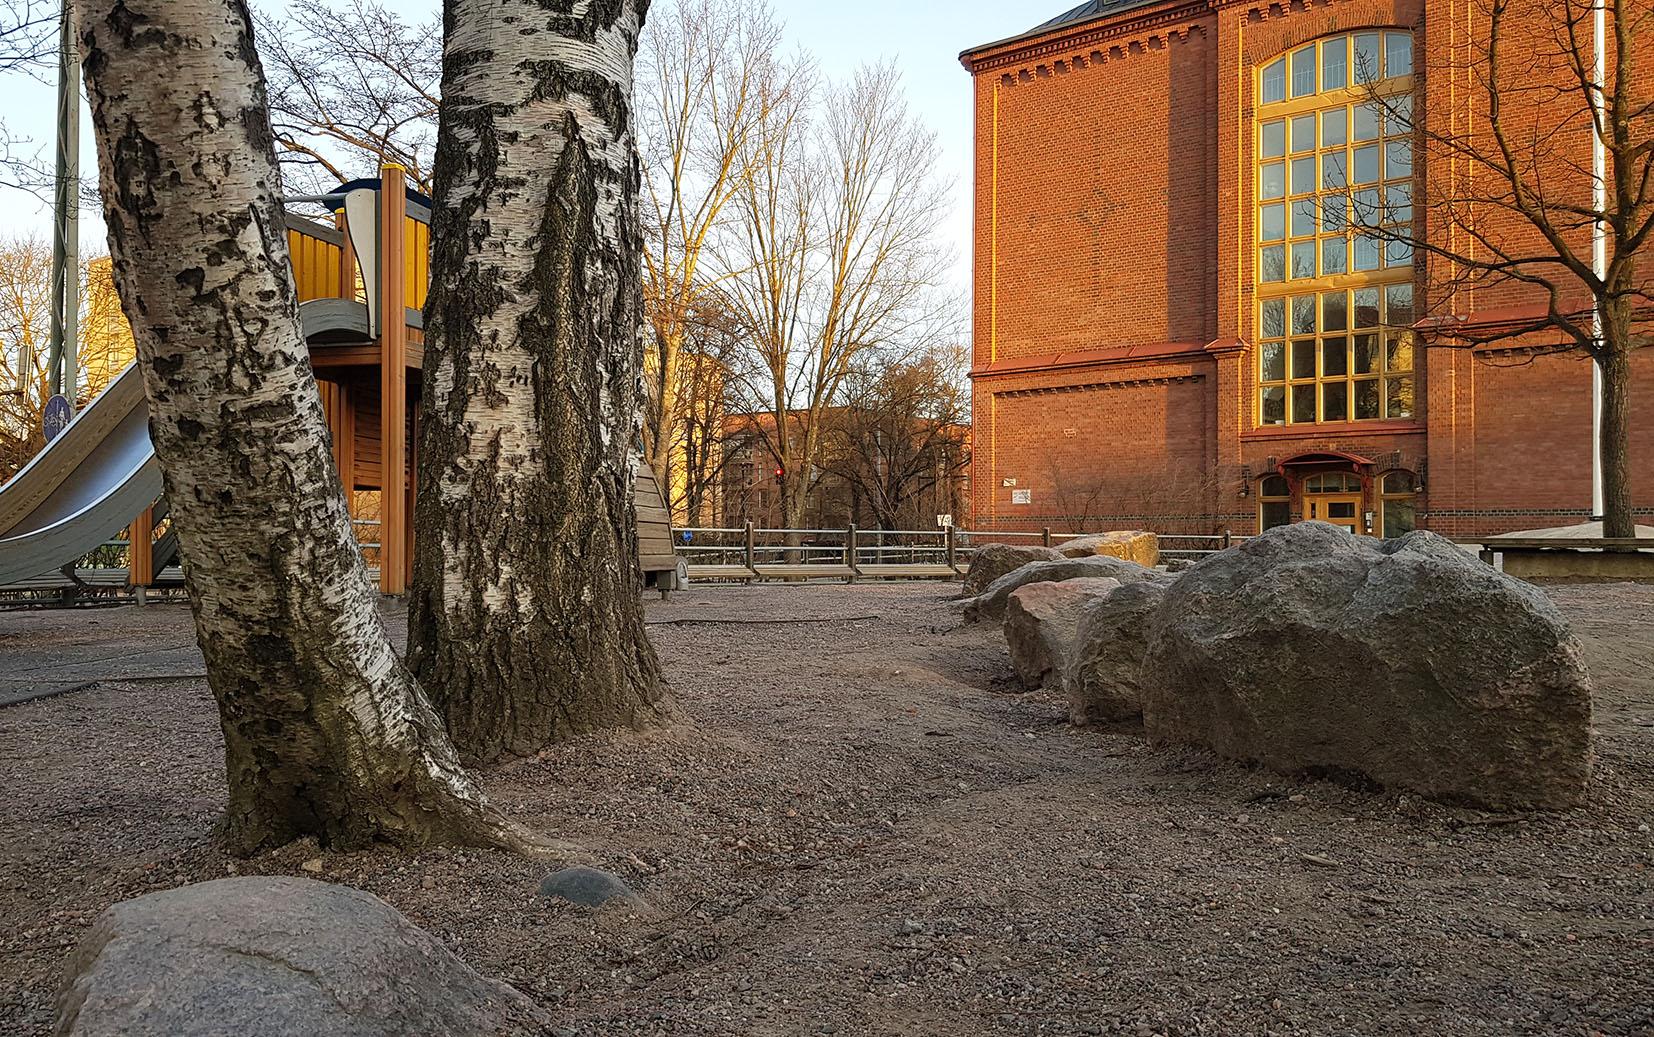 Koulun pihalla hiekkakenttää, 7 suurta kiveä, 2 koivunrunkoa ja liukumäki, taustalla punatiilinen vanha koulurakennus.